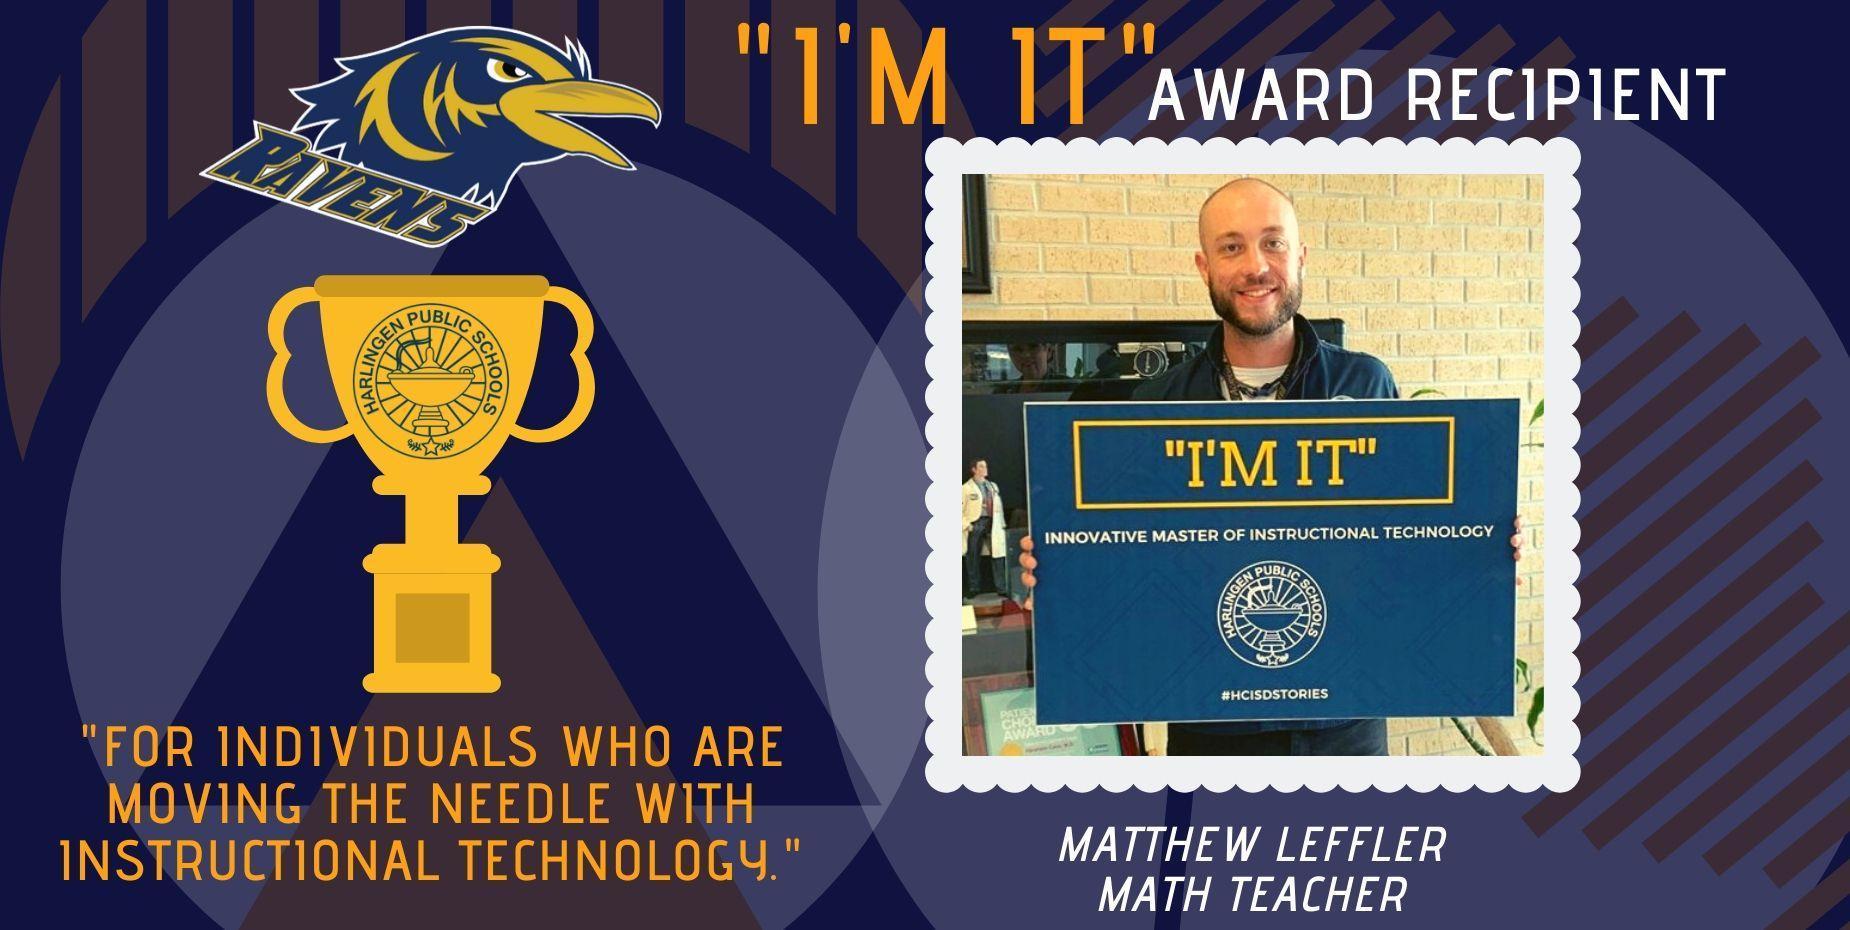 I'M IT Award Recipient